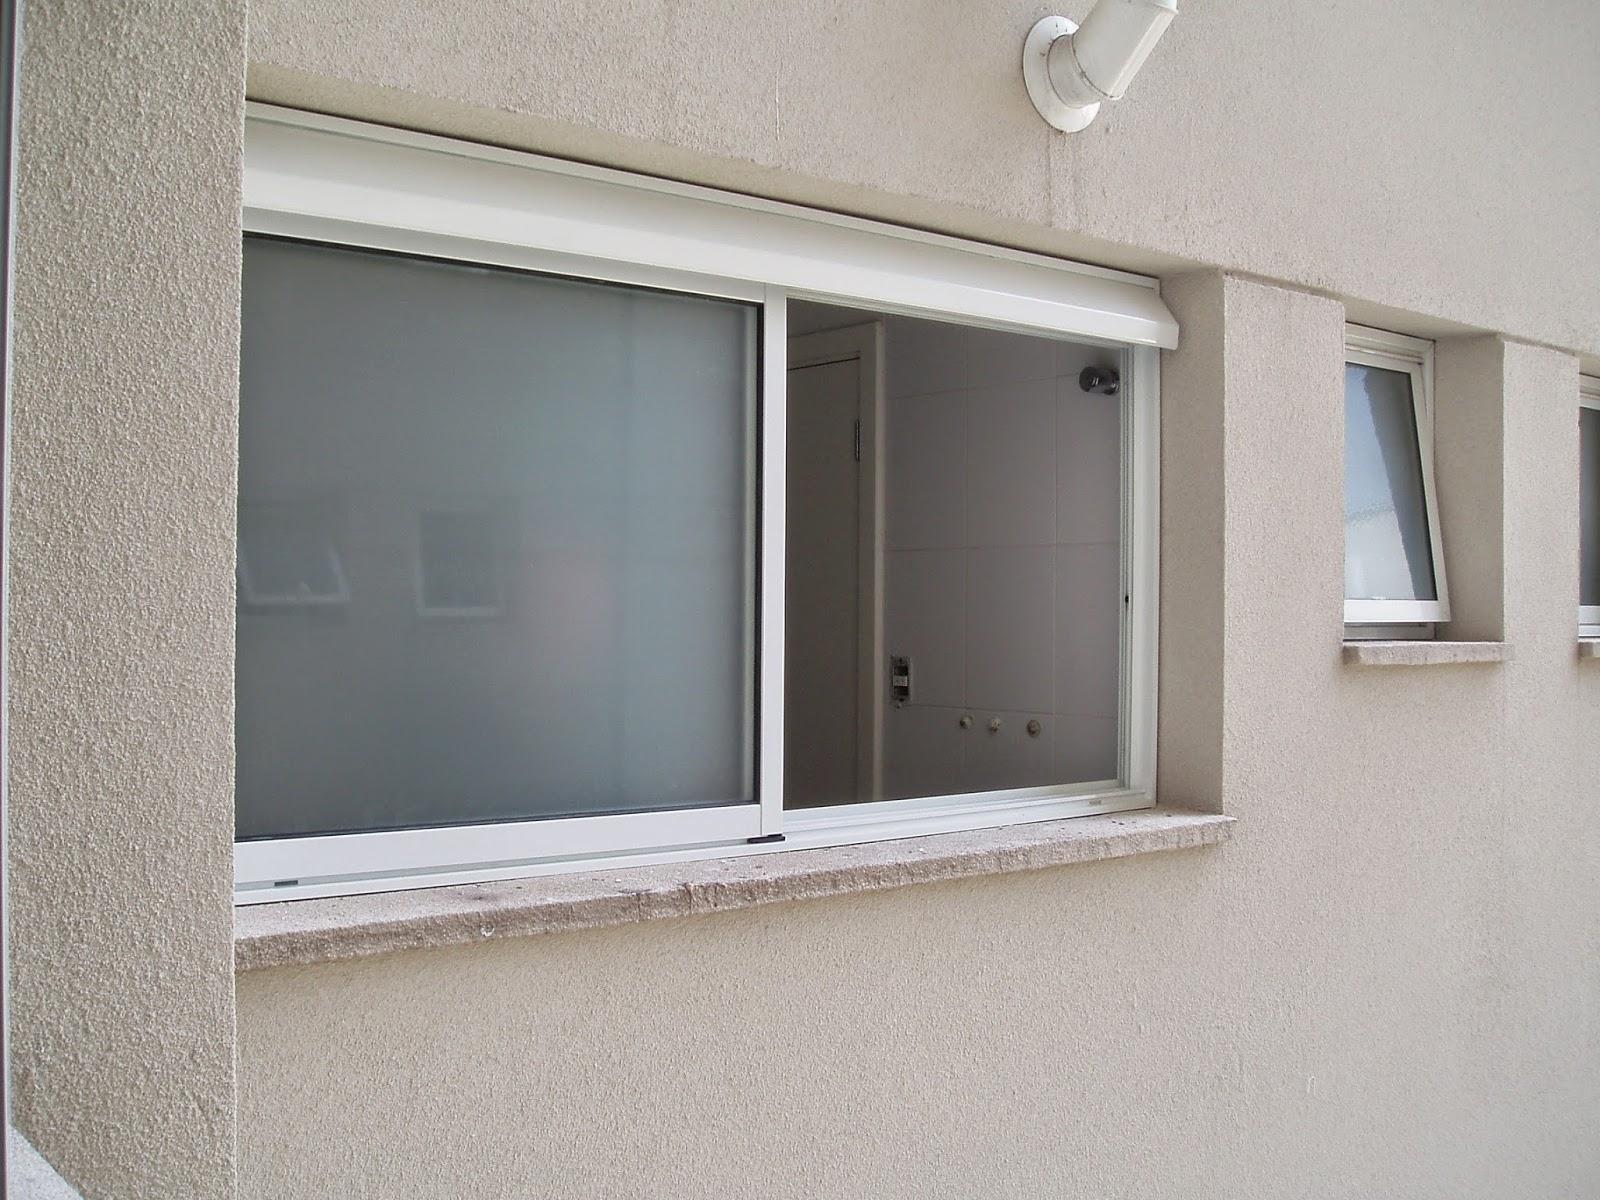 #546677 Posted in: compras janela reforma 1642 Janela De Aluminio Lavanderia